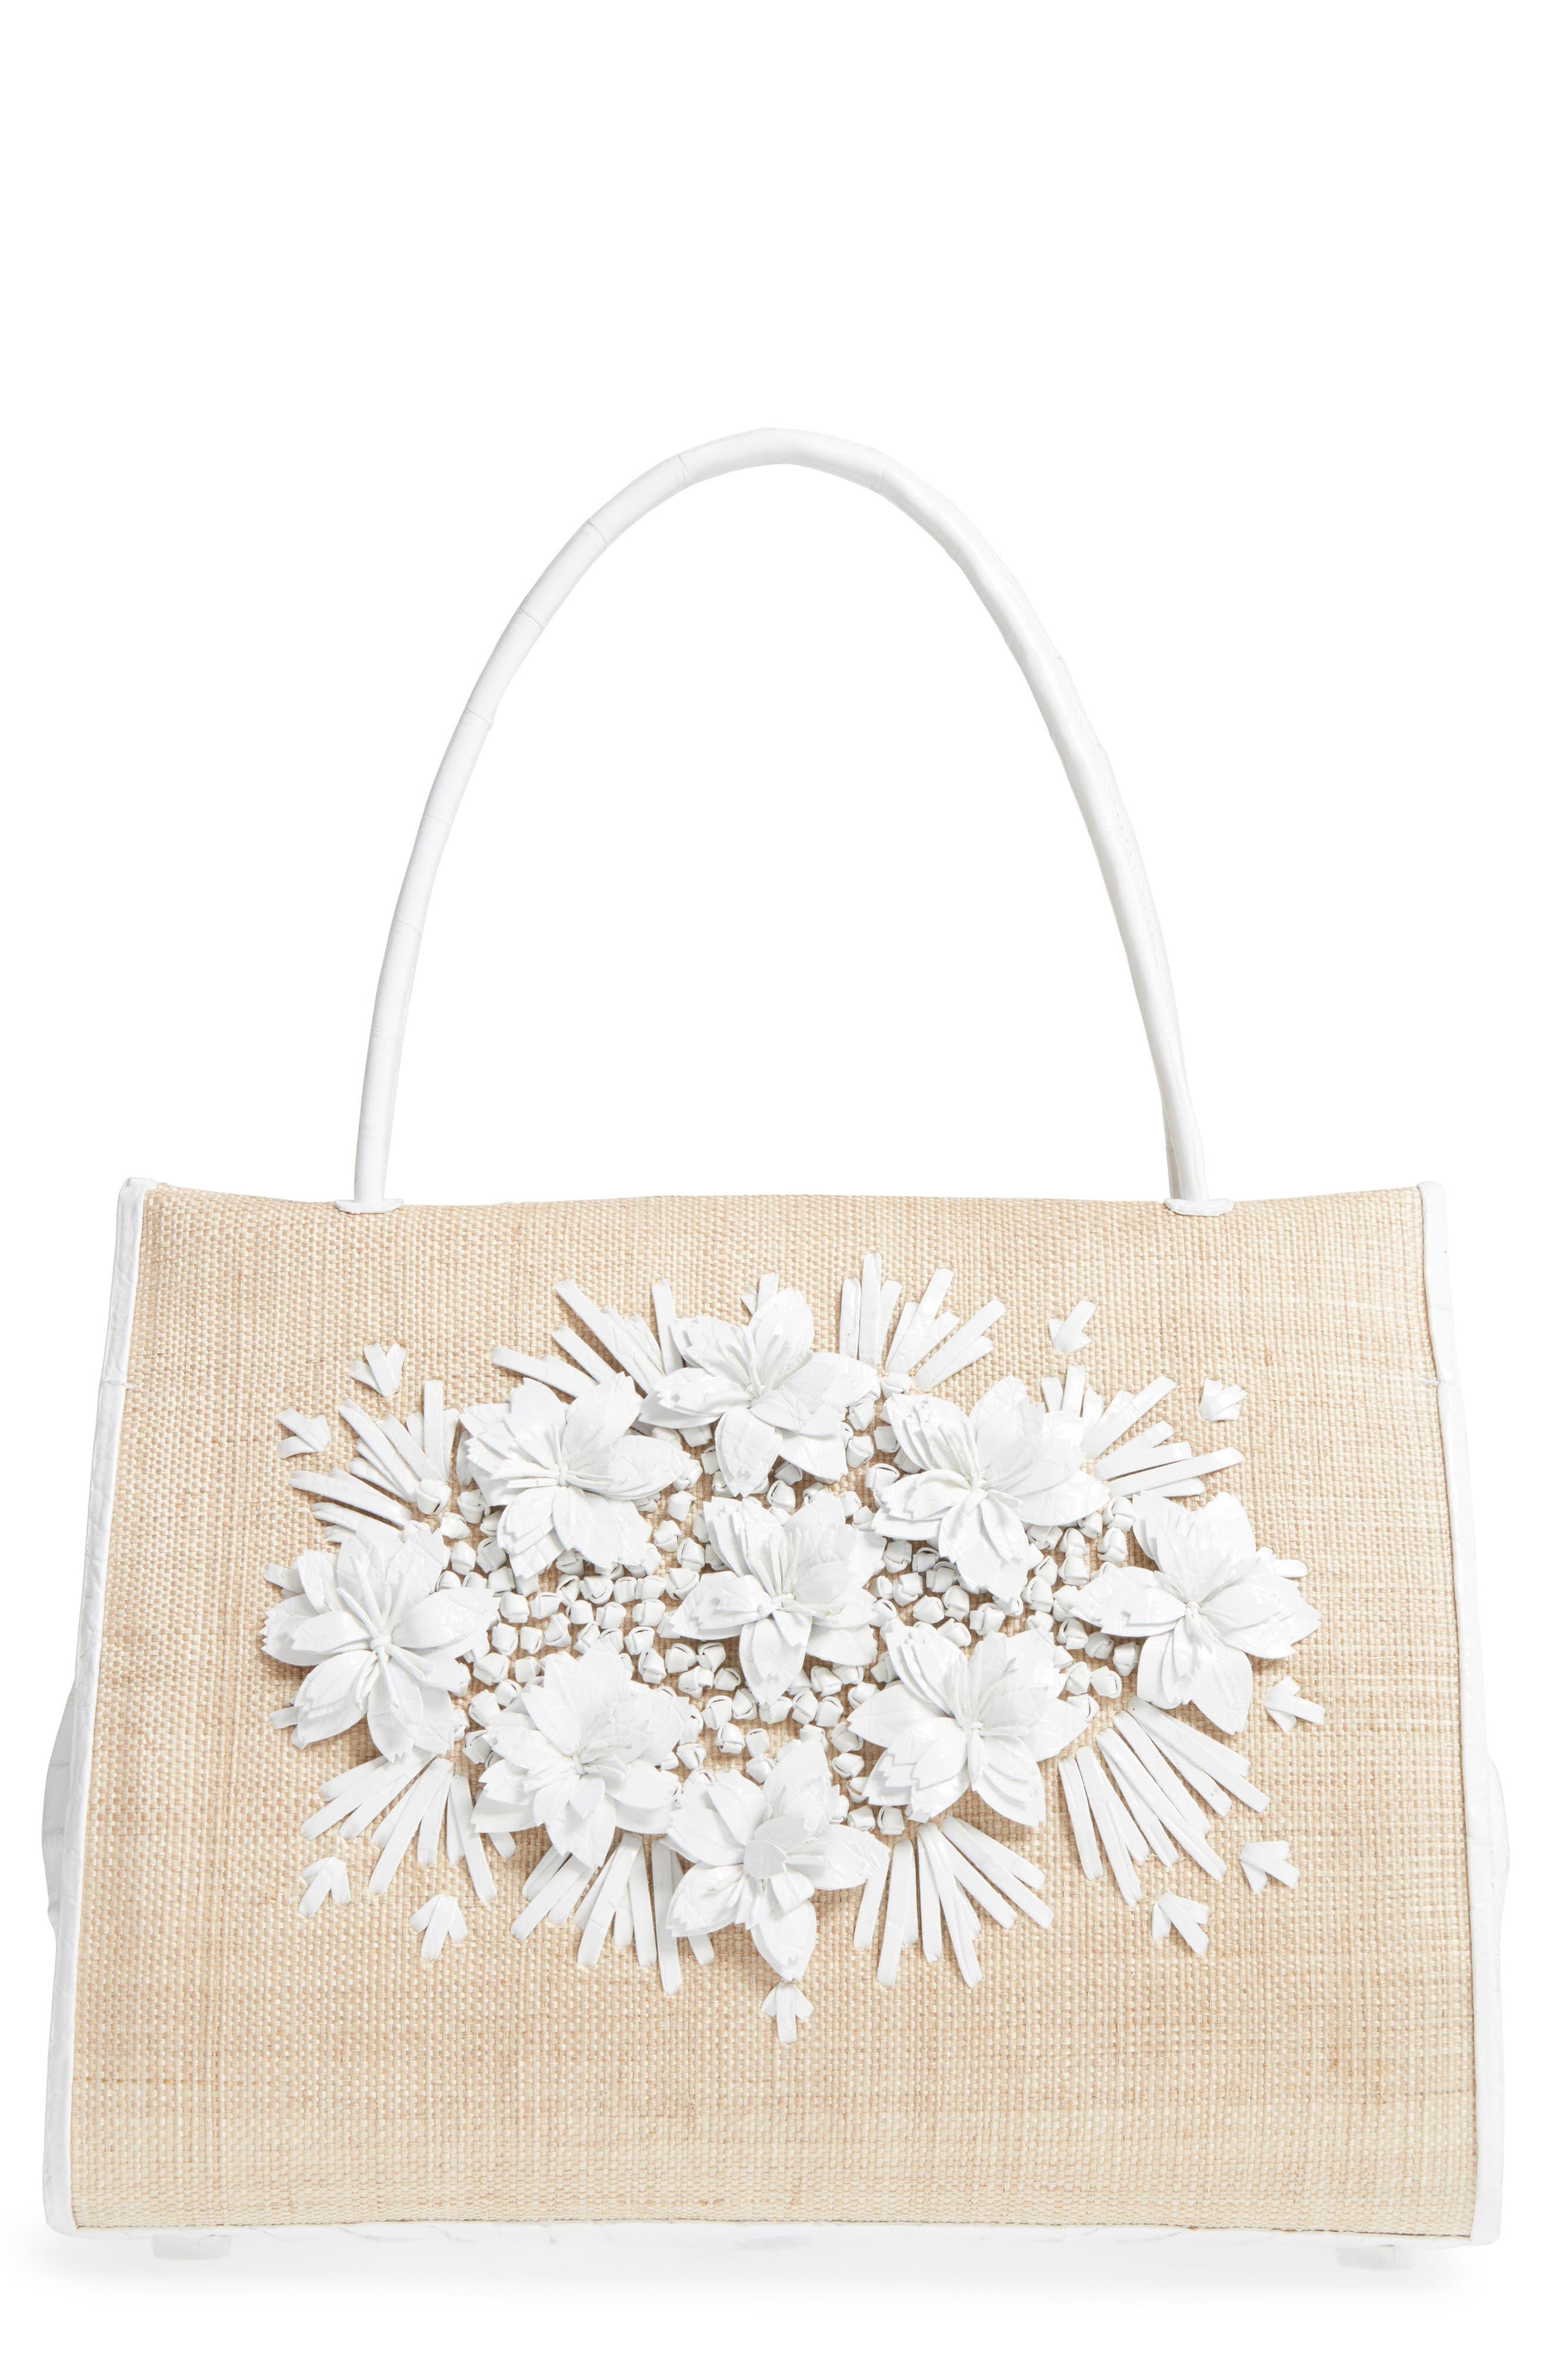 Nancy Gonzalez Straw Top Handle Bag with Genuine Crocodile Flowers